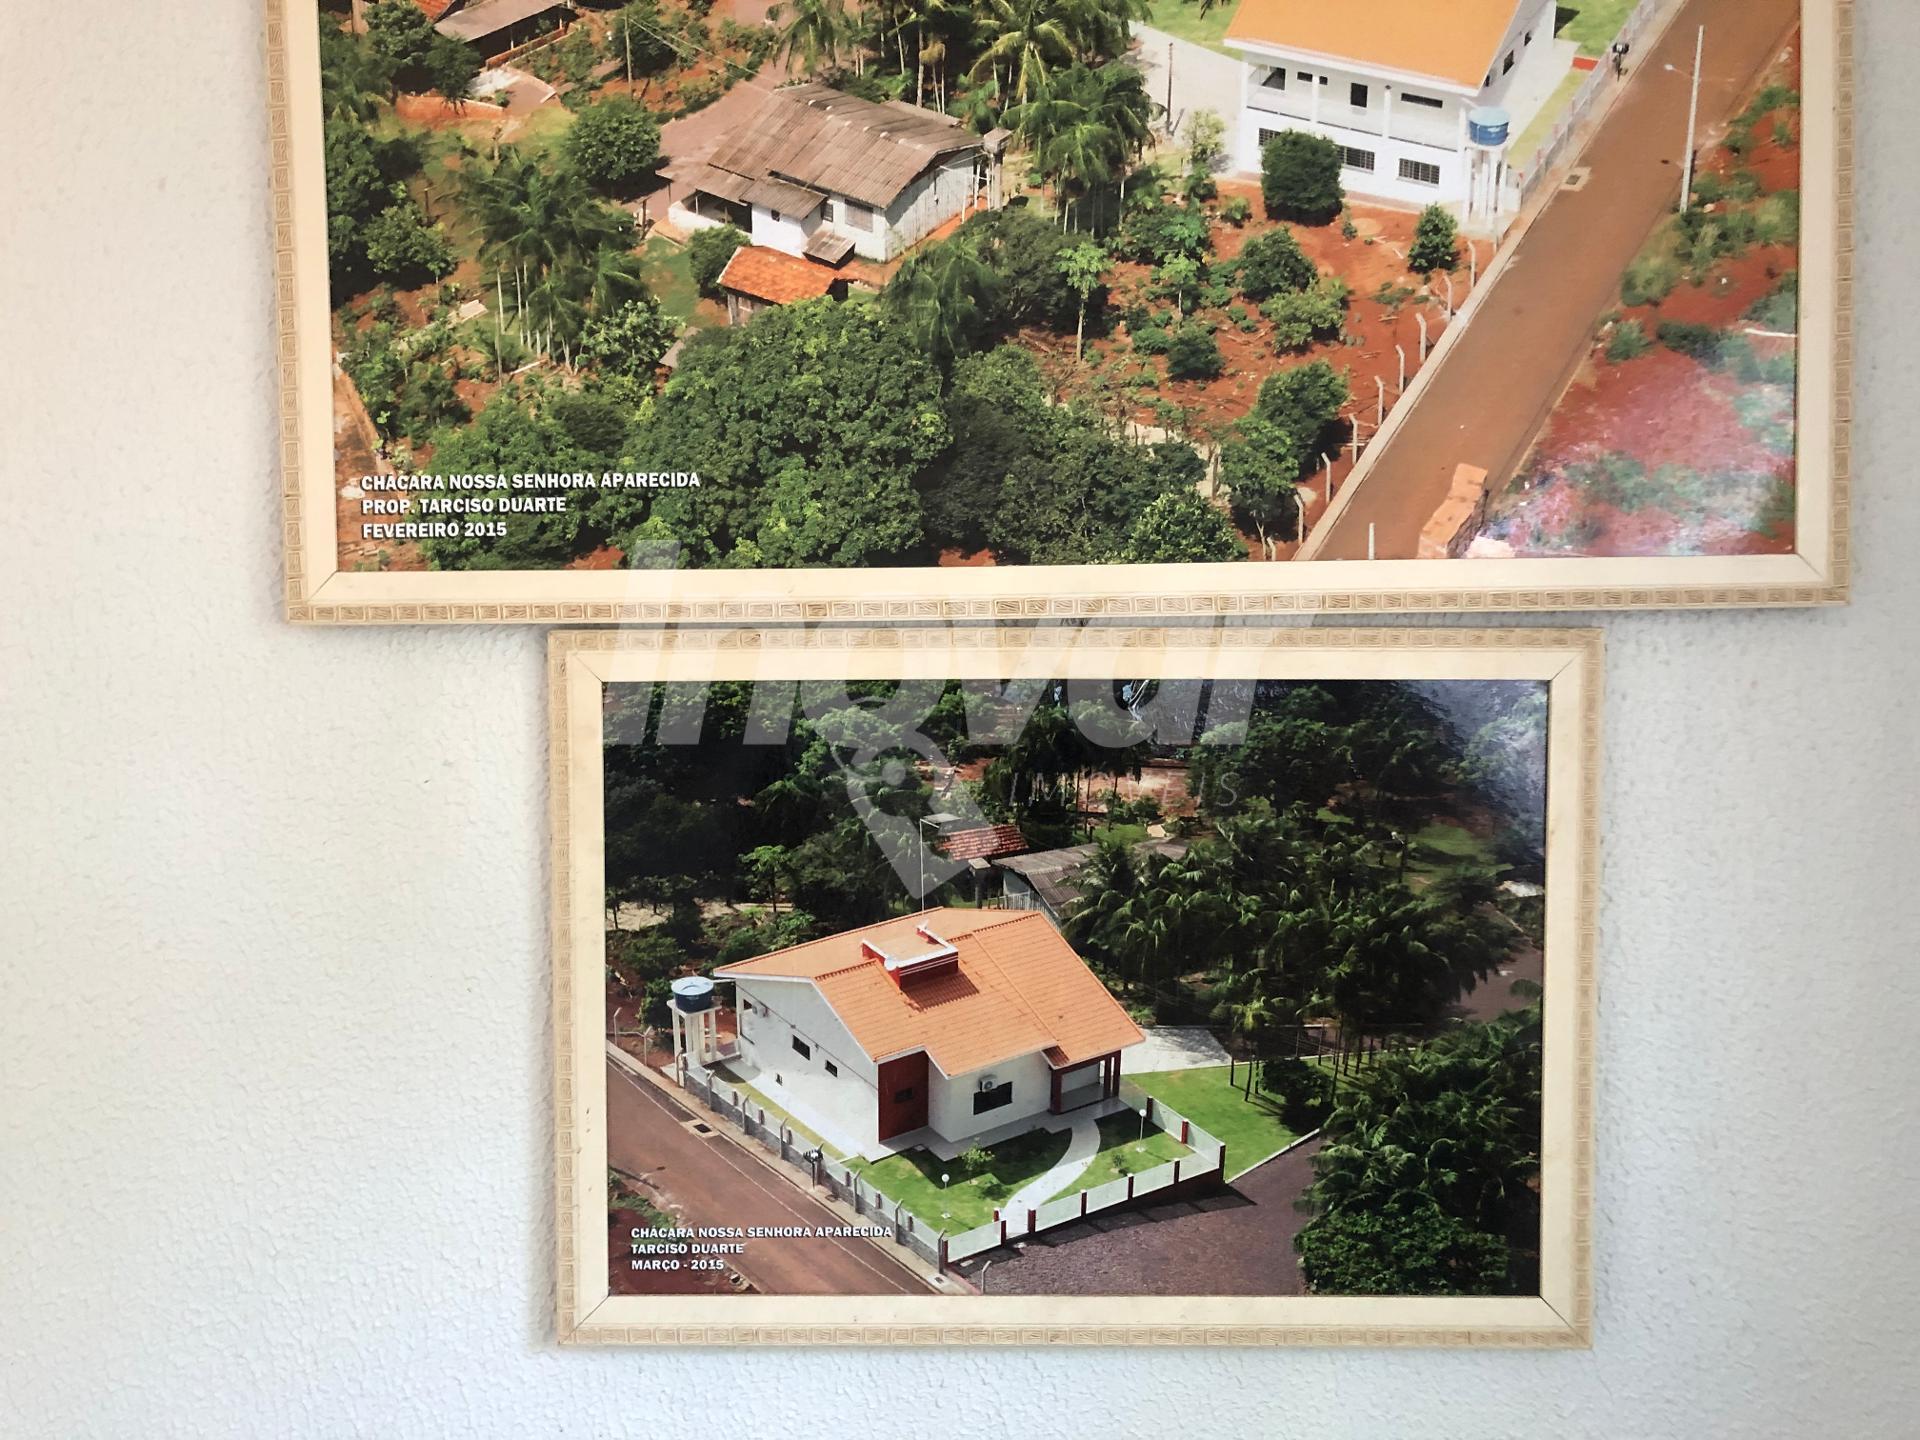 Chácara com 2 dormitórios à venda, Centro, TOLEDO - PR